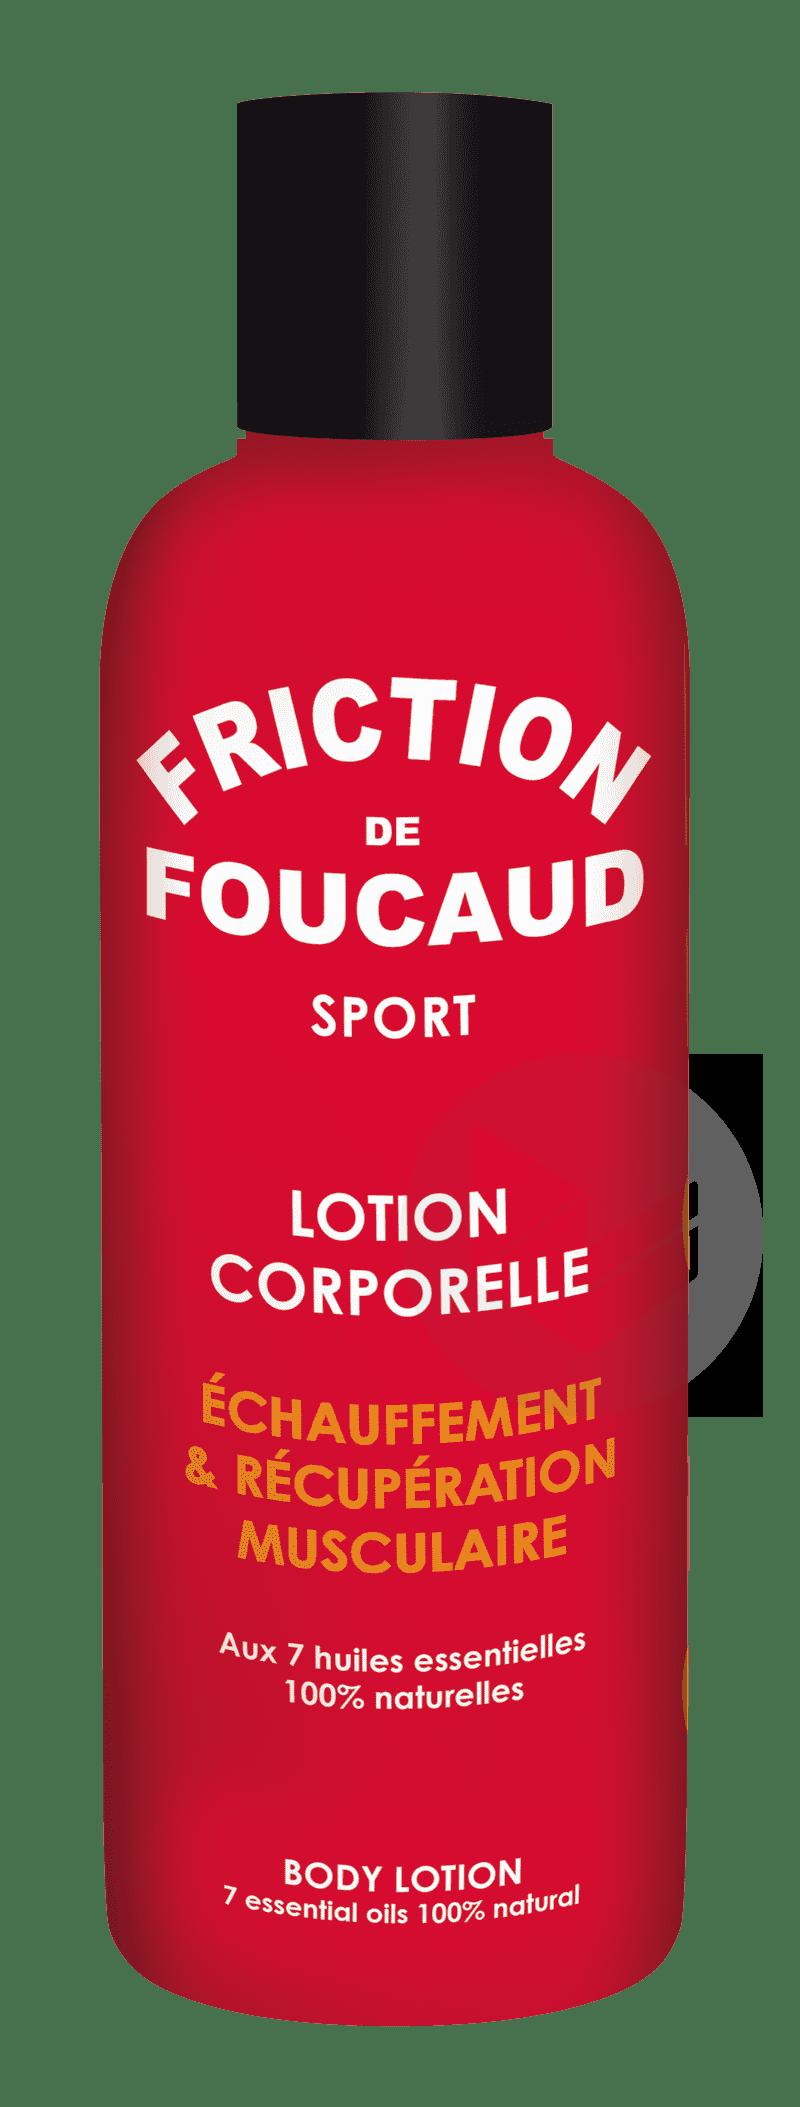 Friction de Foucaud Sport